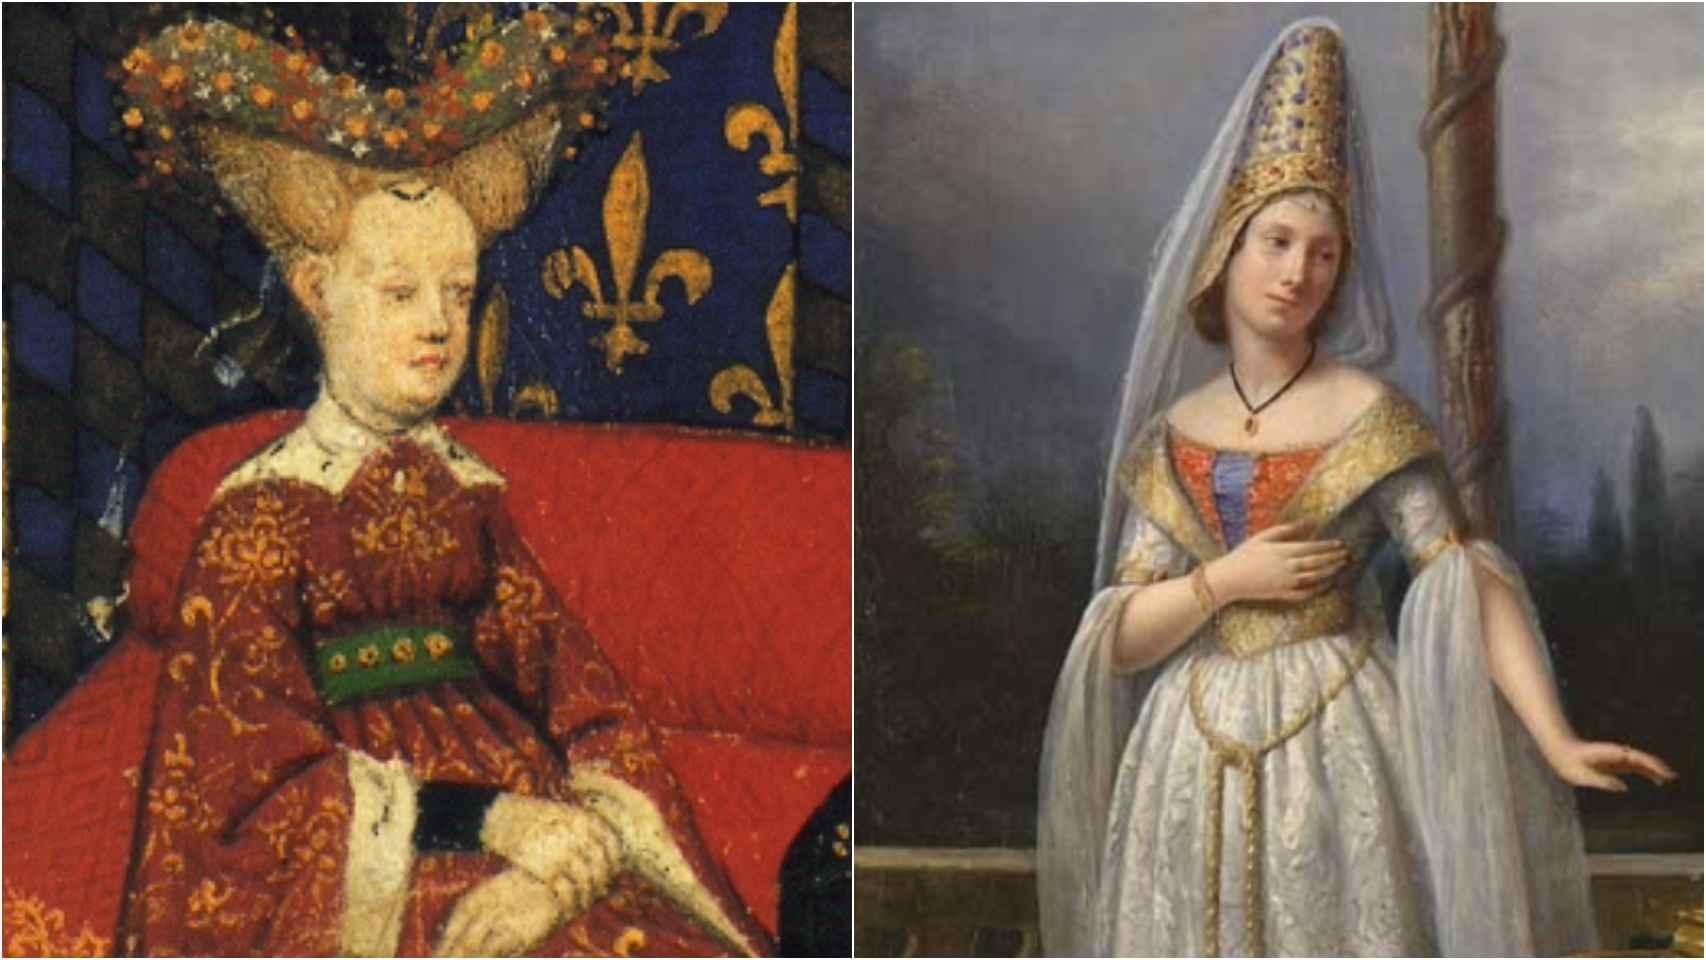 Elisabeth da Baviera, esposa de Carlos VI, e Odette de Champdivers, amante de Carlos VI.